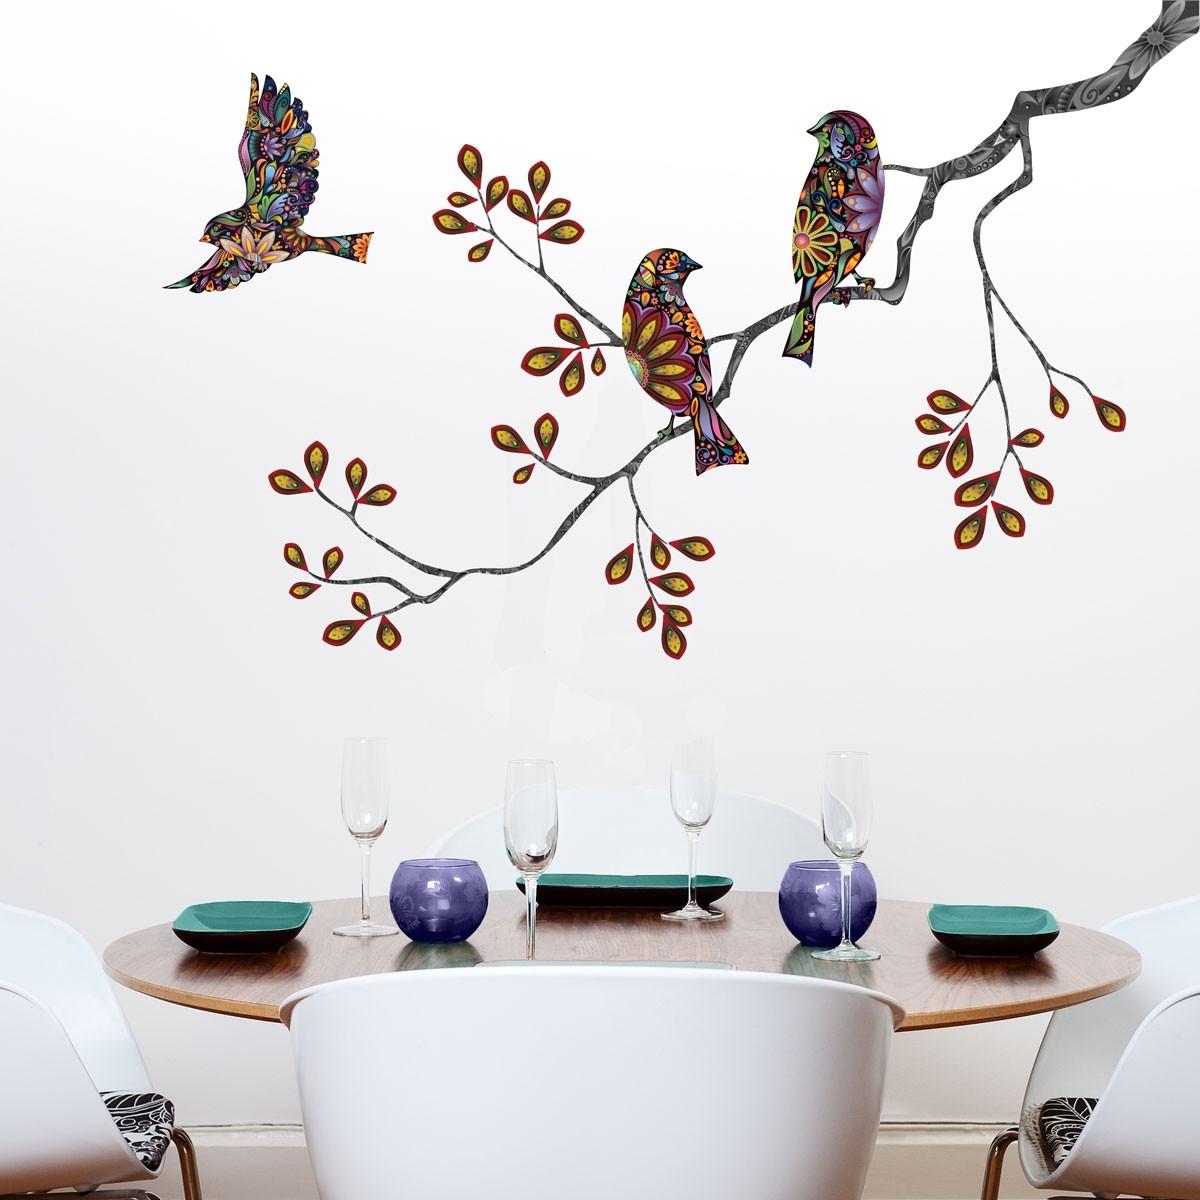 2018 Ceramic Bird Wall Art Regarding Wall Art Designs: Bird Wall Art Birds And Tree Branch Wall Sticker (View 12 of 15)